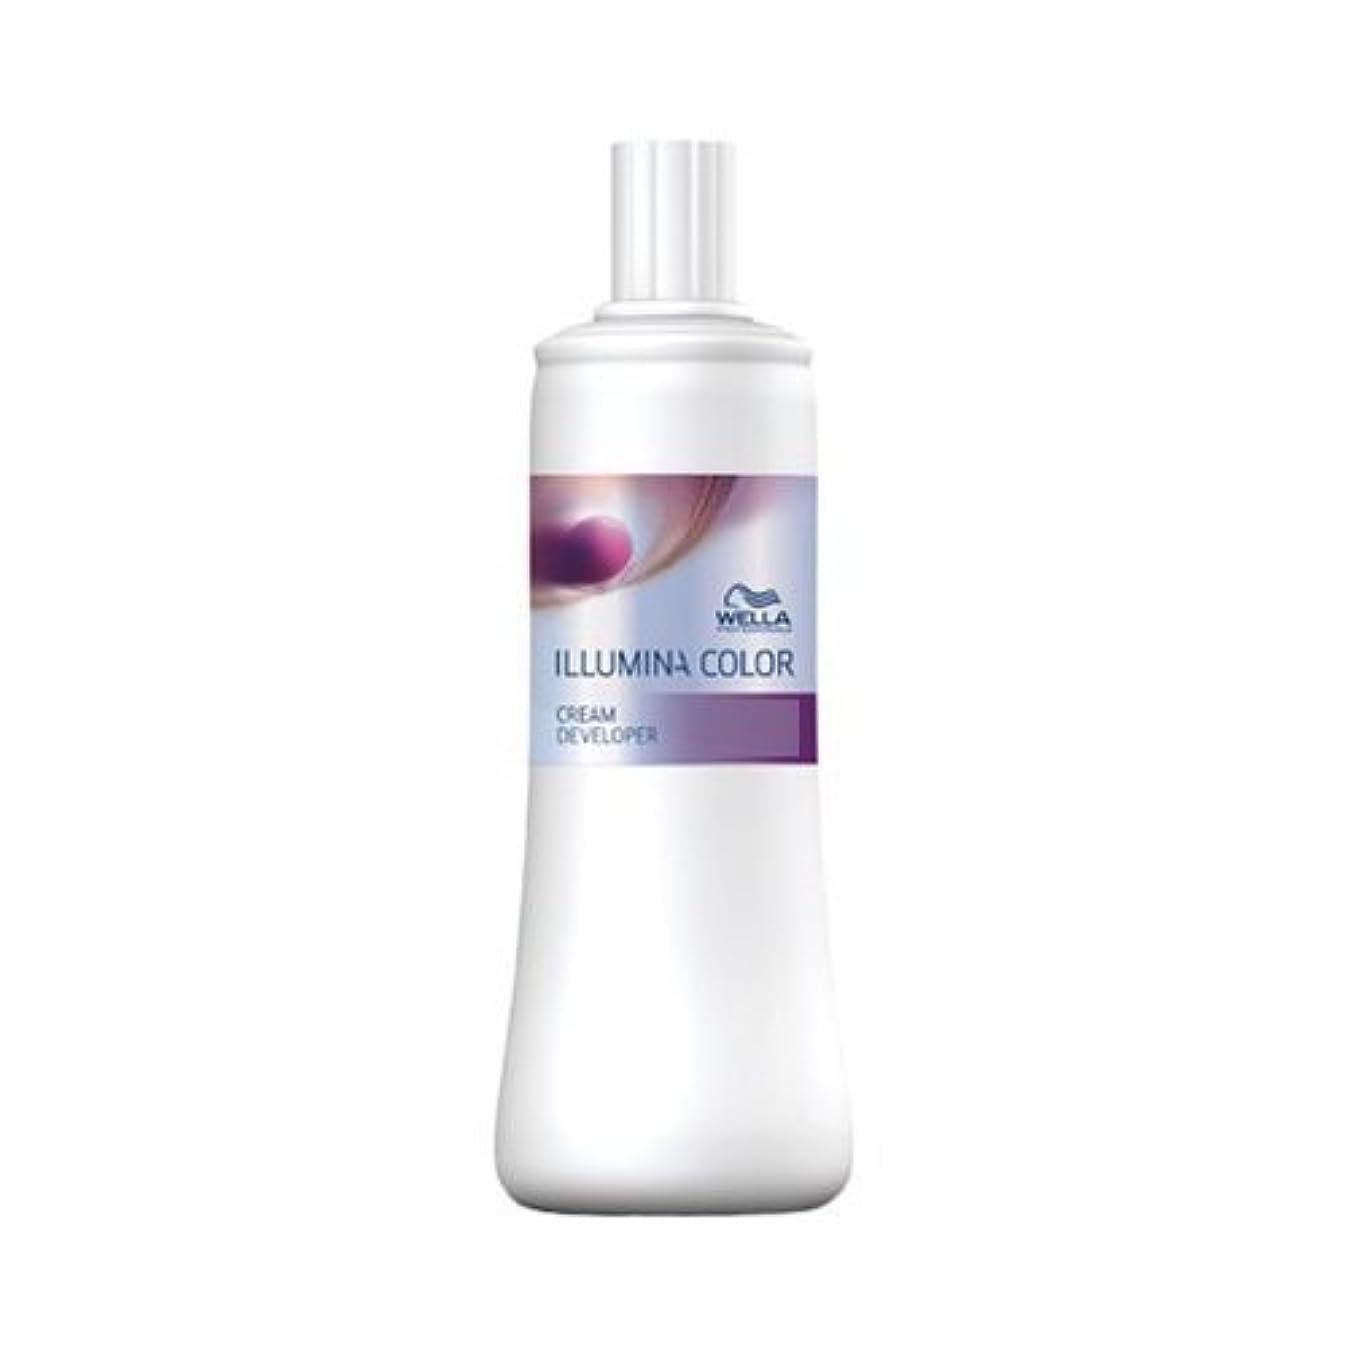 なのでランドマーク推測ウエラ イルミナカラー クリーム ディベロッパー 6% 1000ml(2剤)